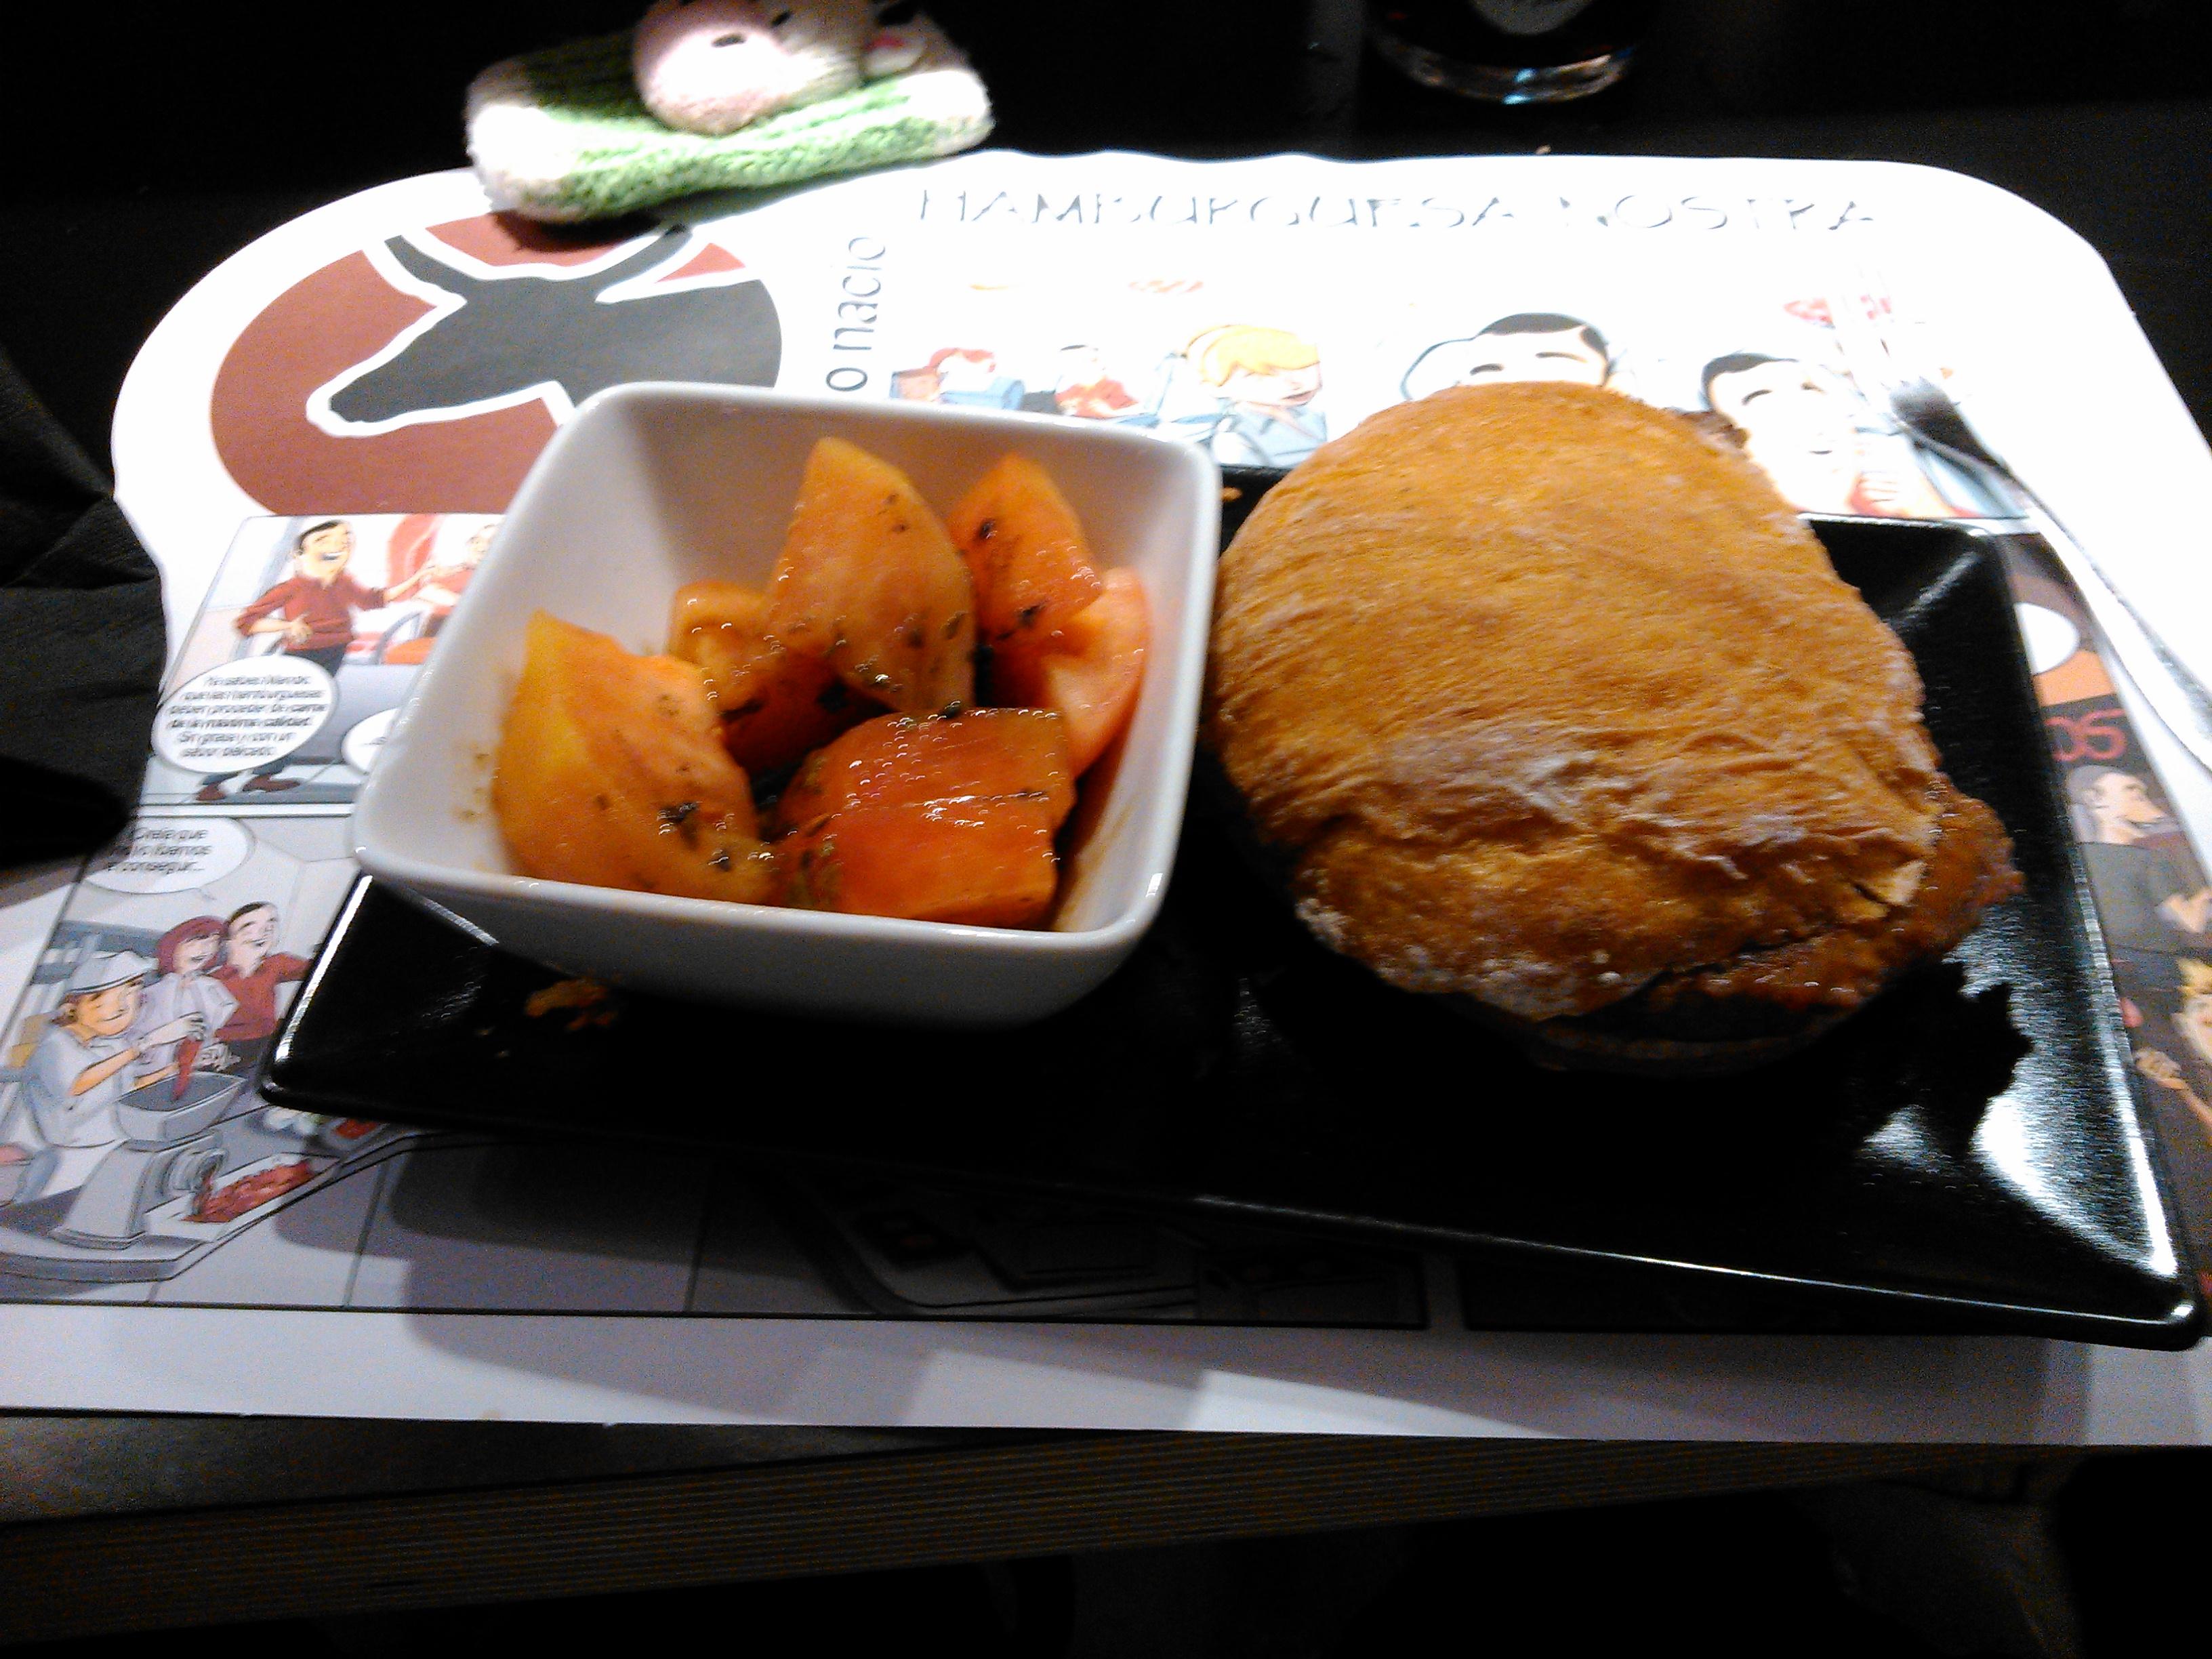 Hamburguesa Solidaria y Tomate aliñado